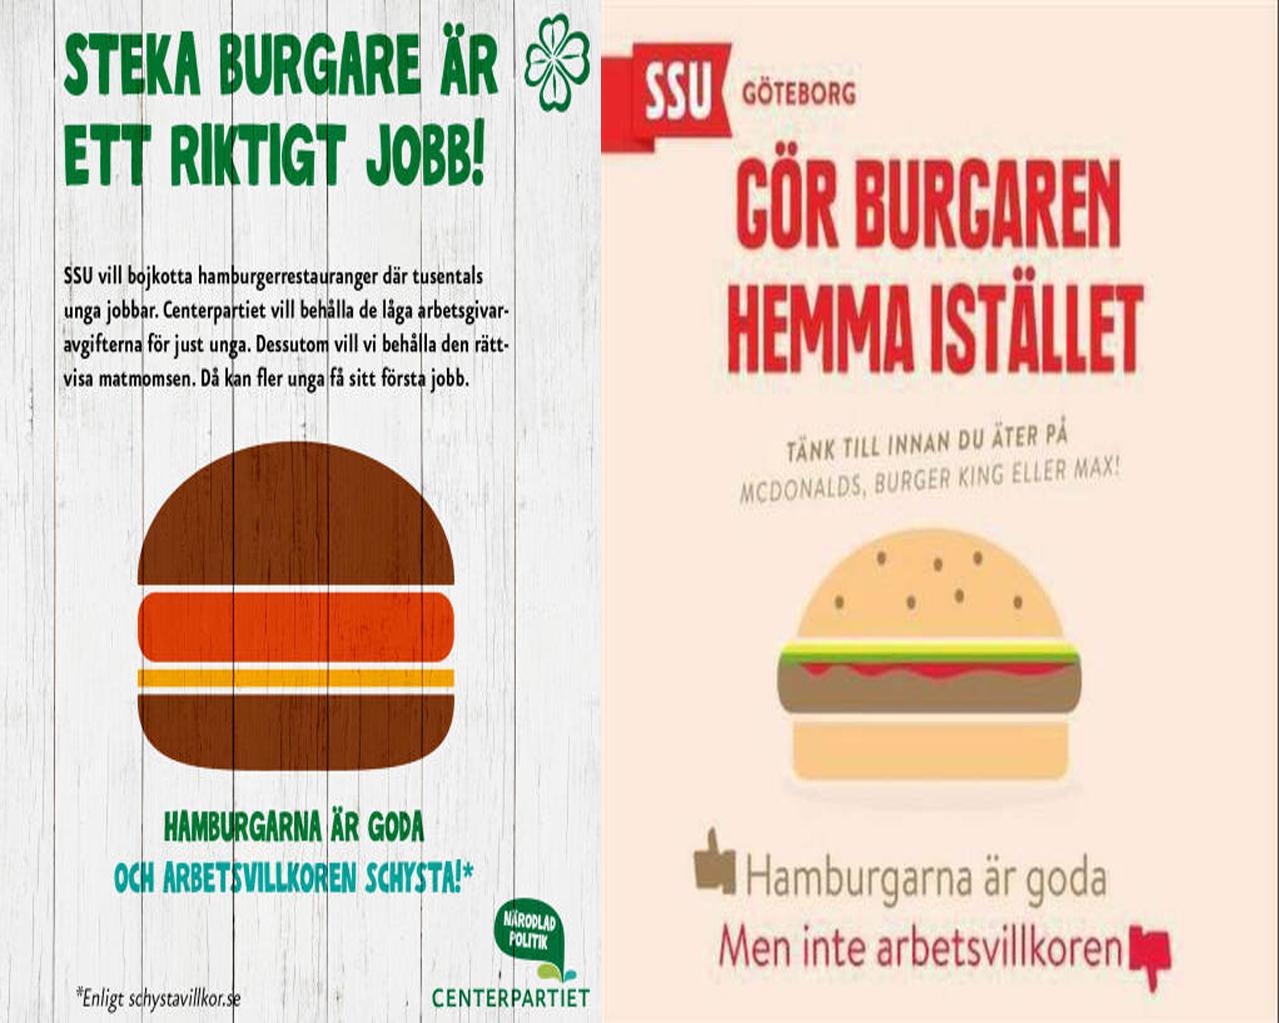 Steka Burgare